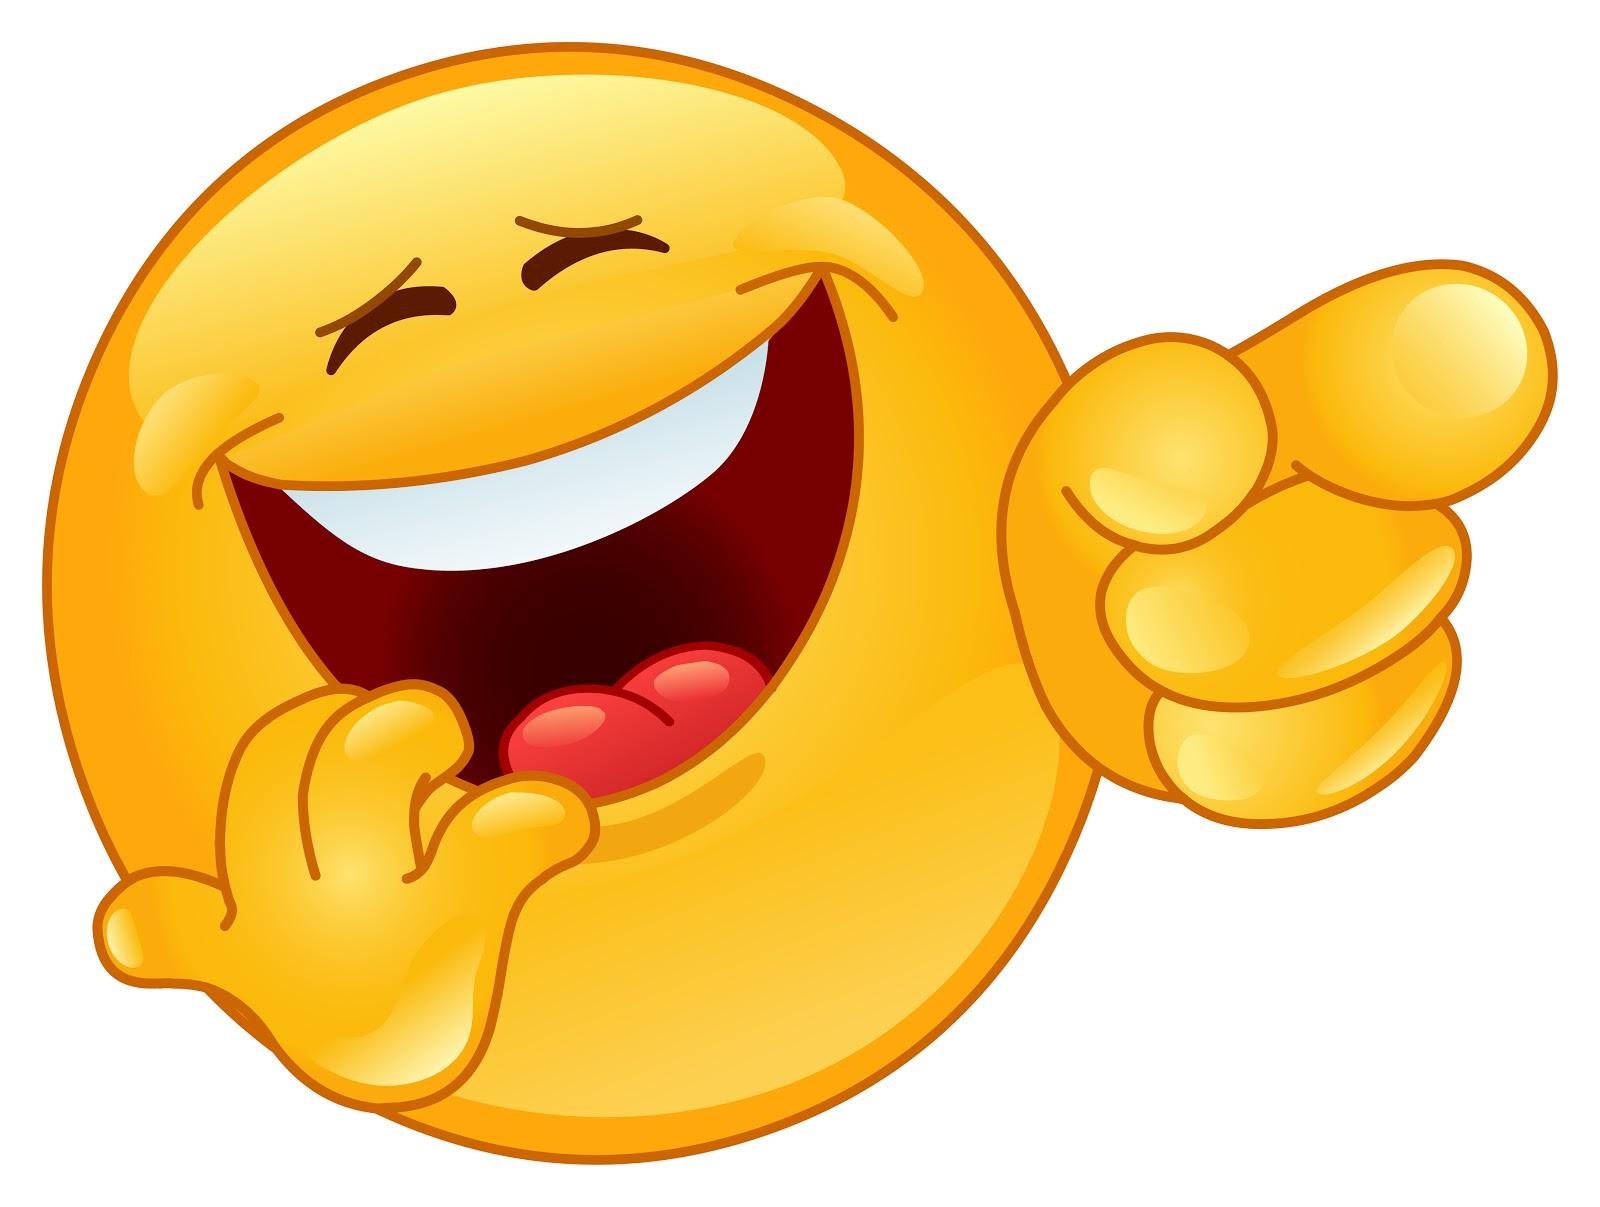 Lady Scribes Make Em Laugh Make Em Laugh Make Em Laugh